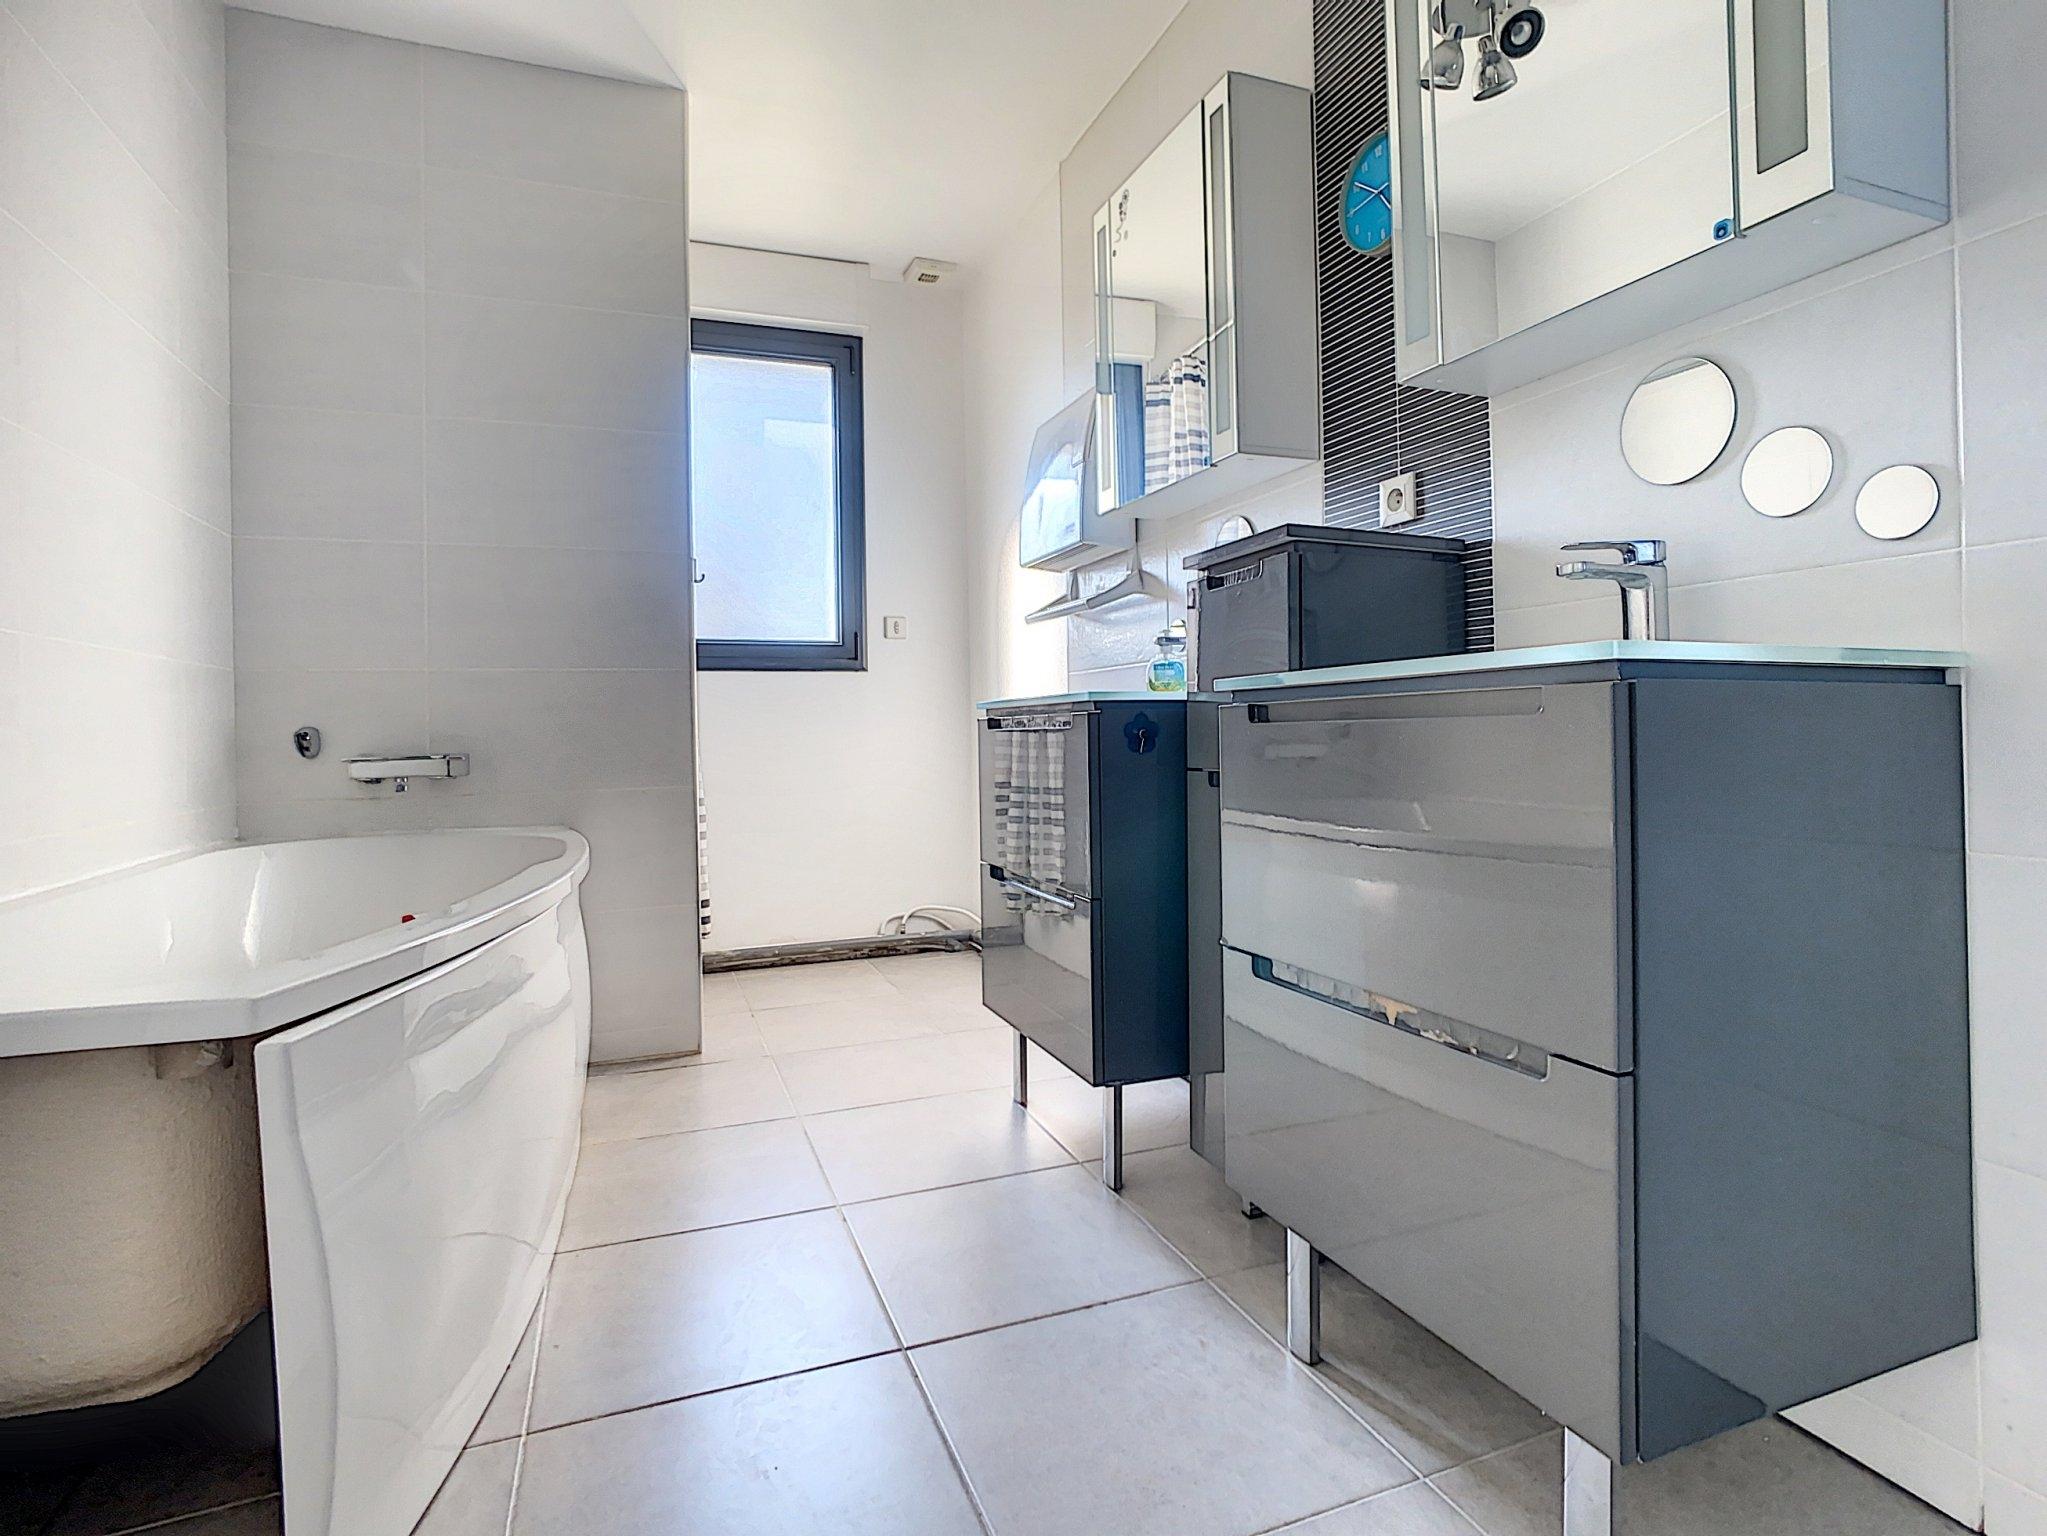 Maison Treslon 7 Pièces 220 m2 - 8